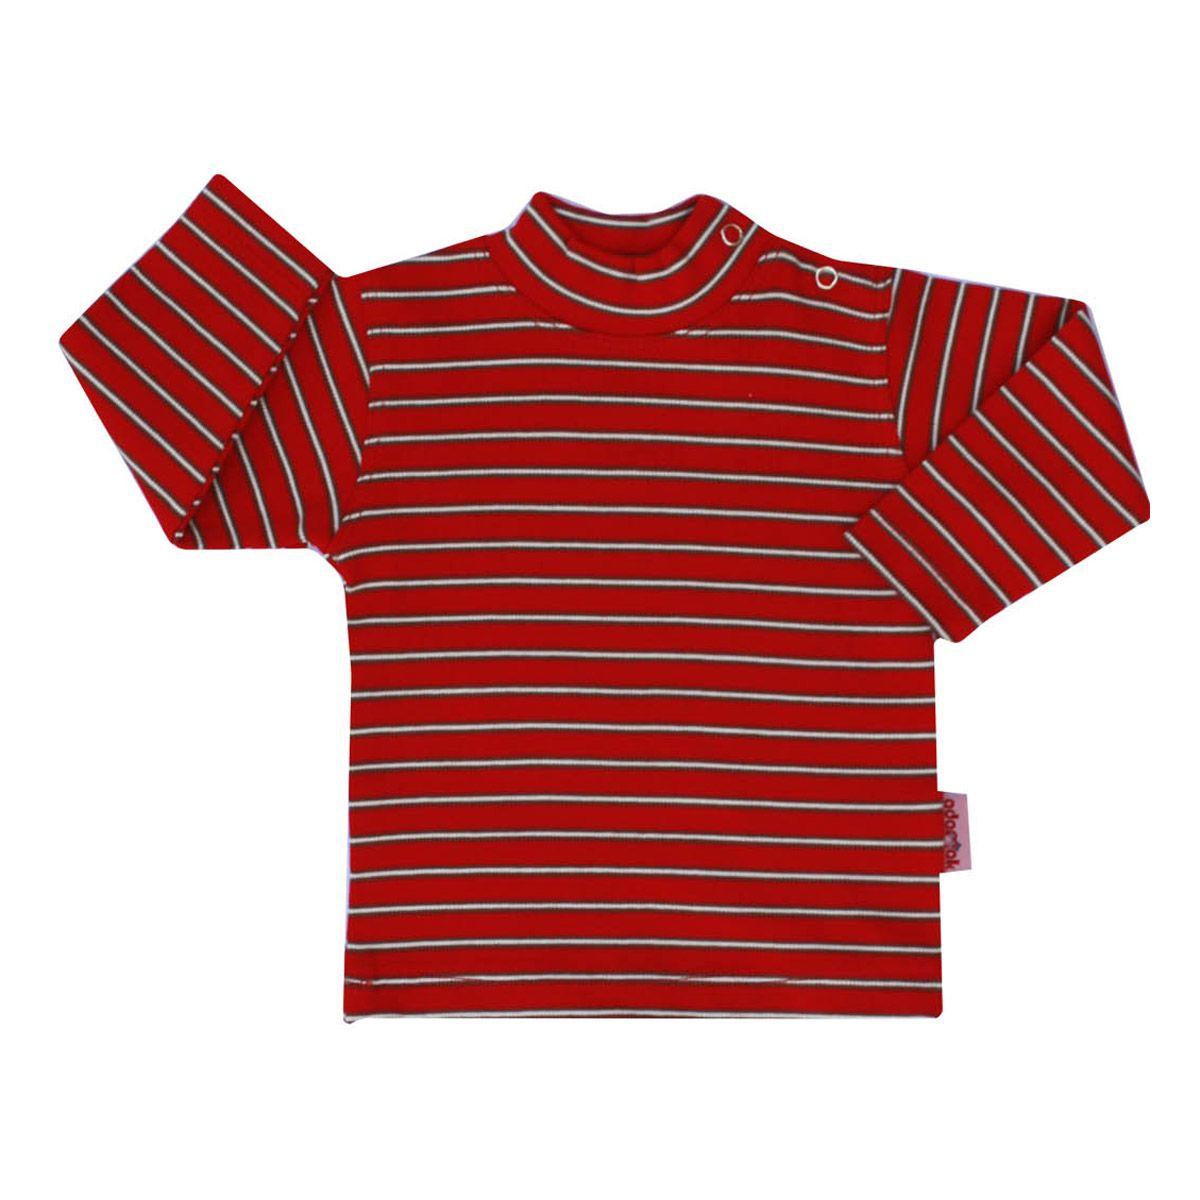 تی شرت دخترانه آدمک طرح راه راه کد 144301 -  - 2